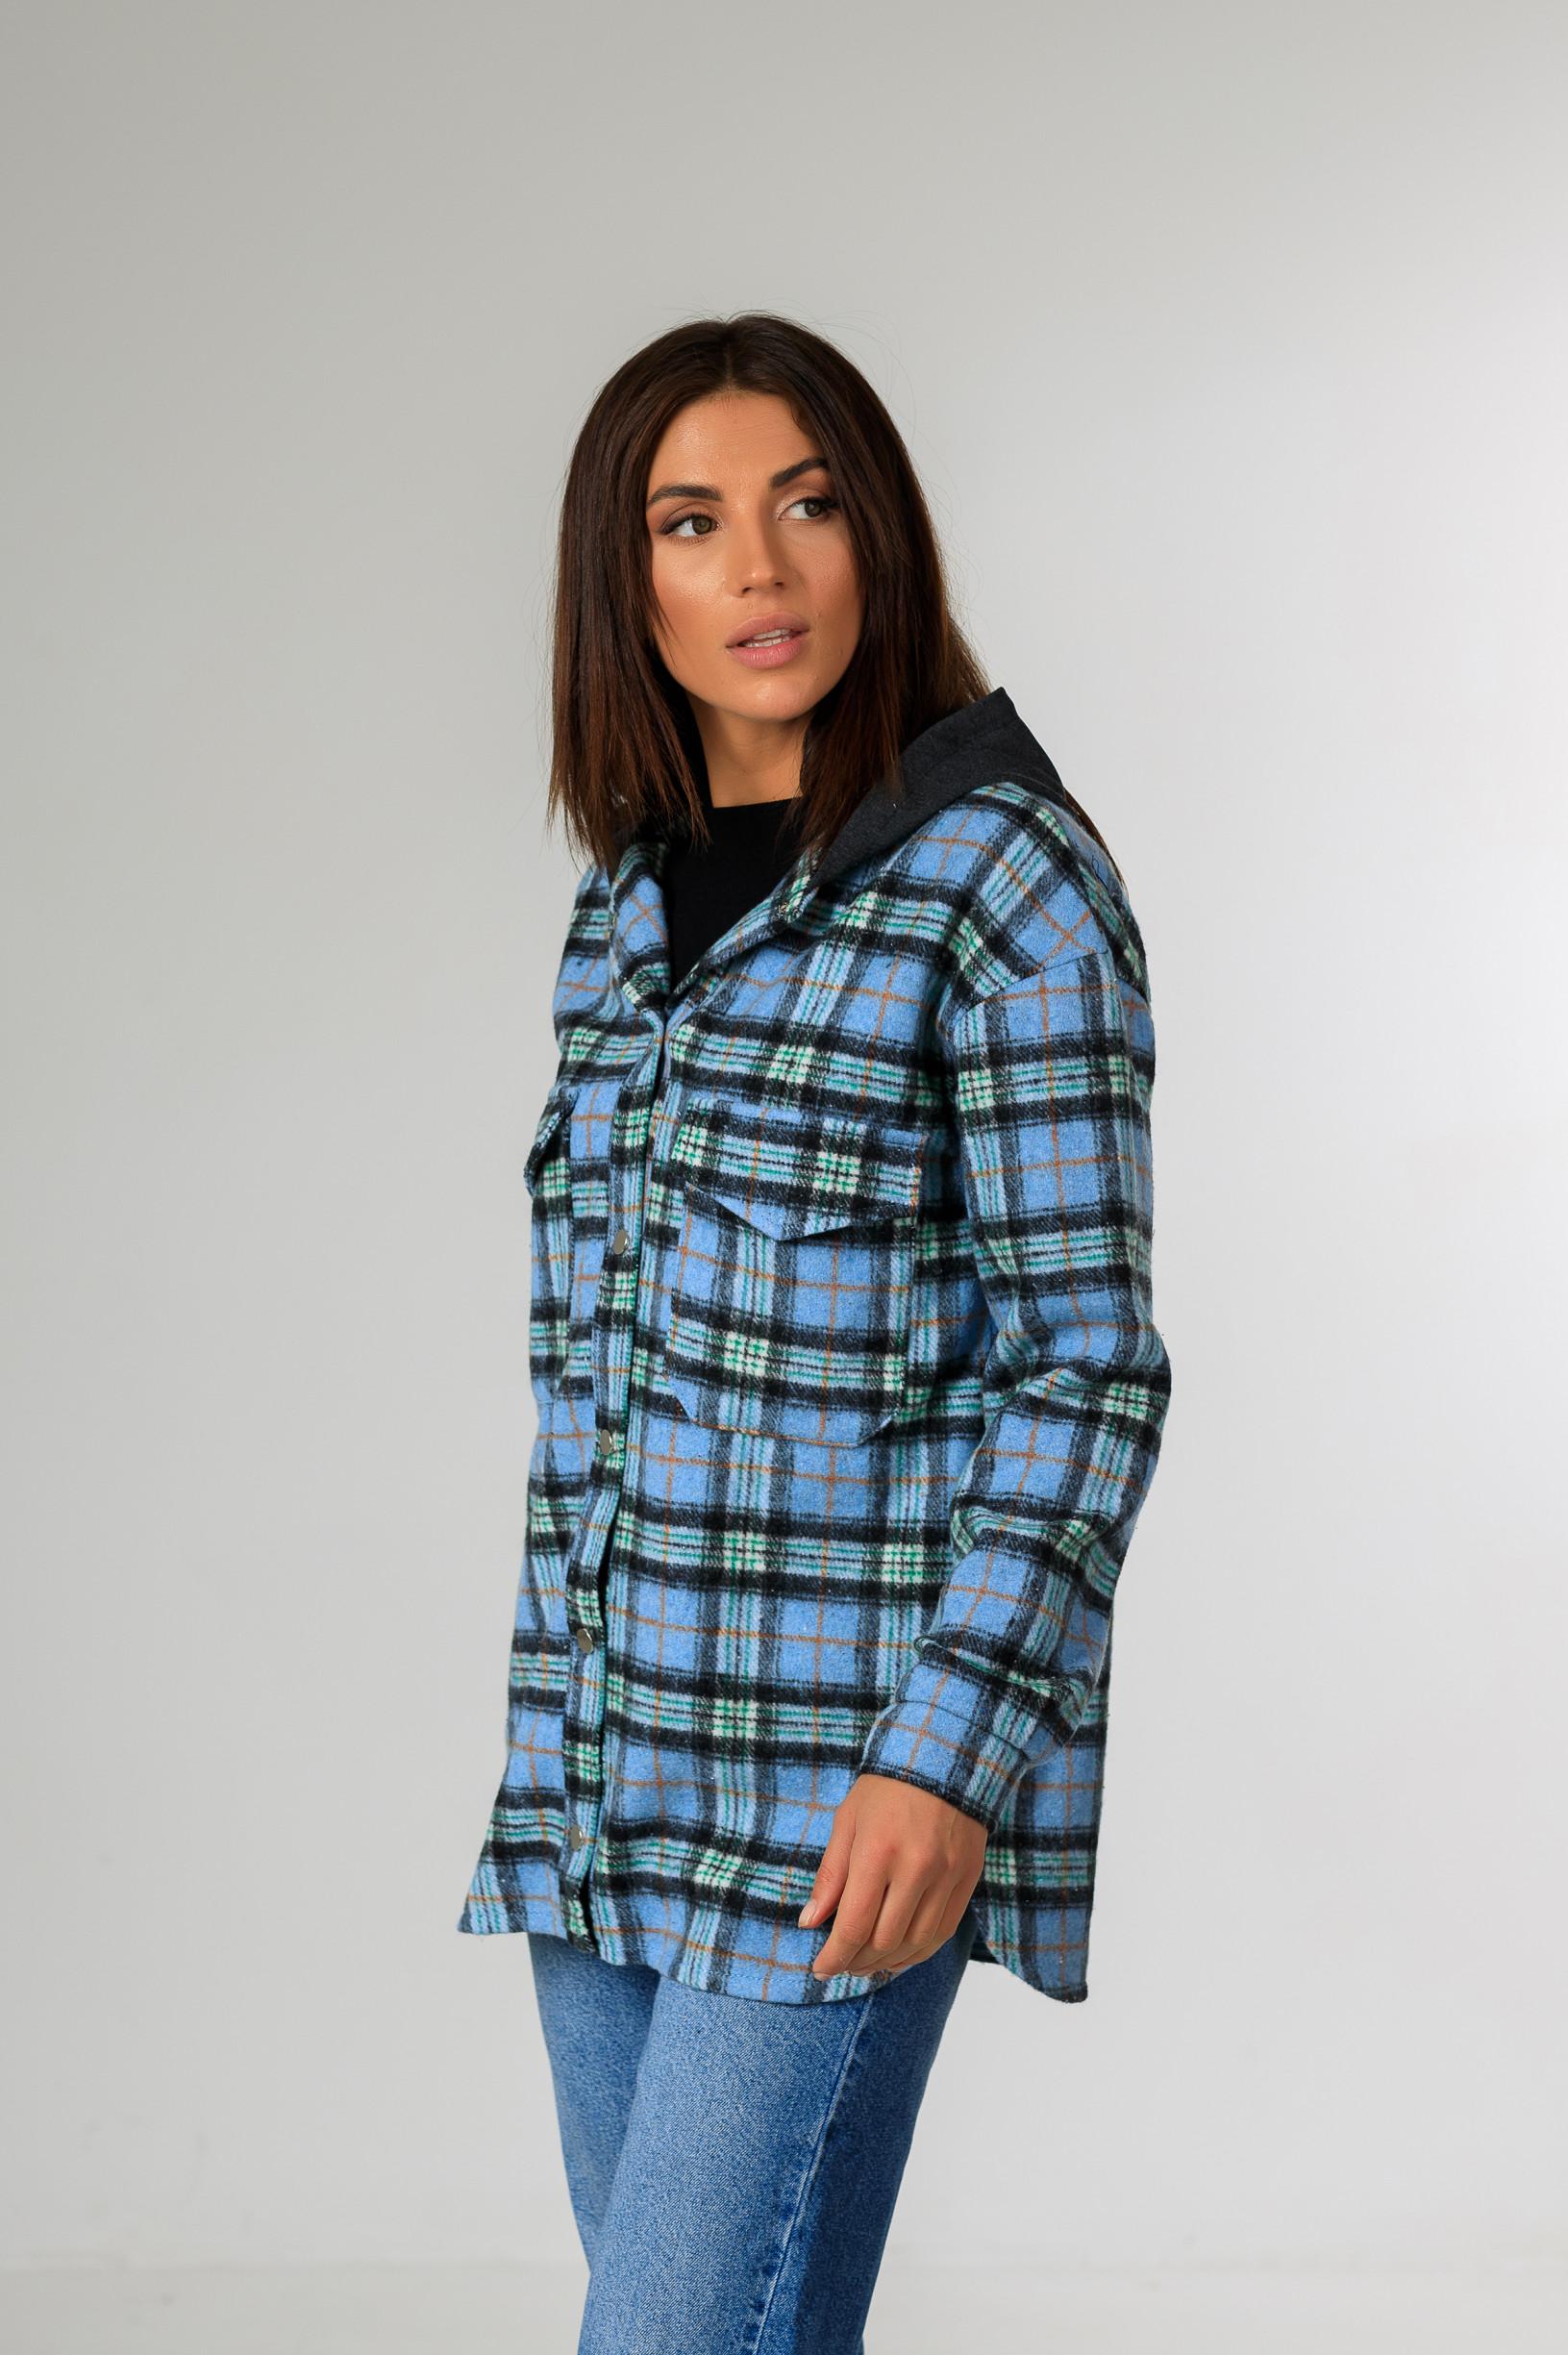 Кардиган-рубаха с капюшоном в клетку Р951 голубой